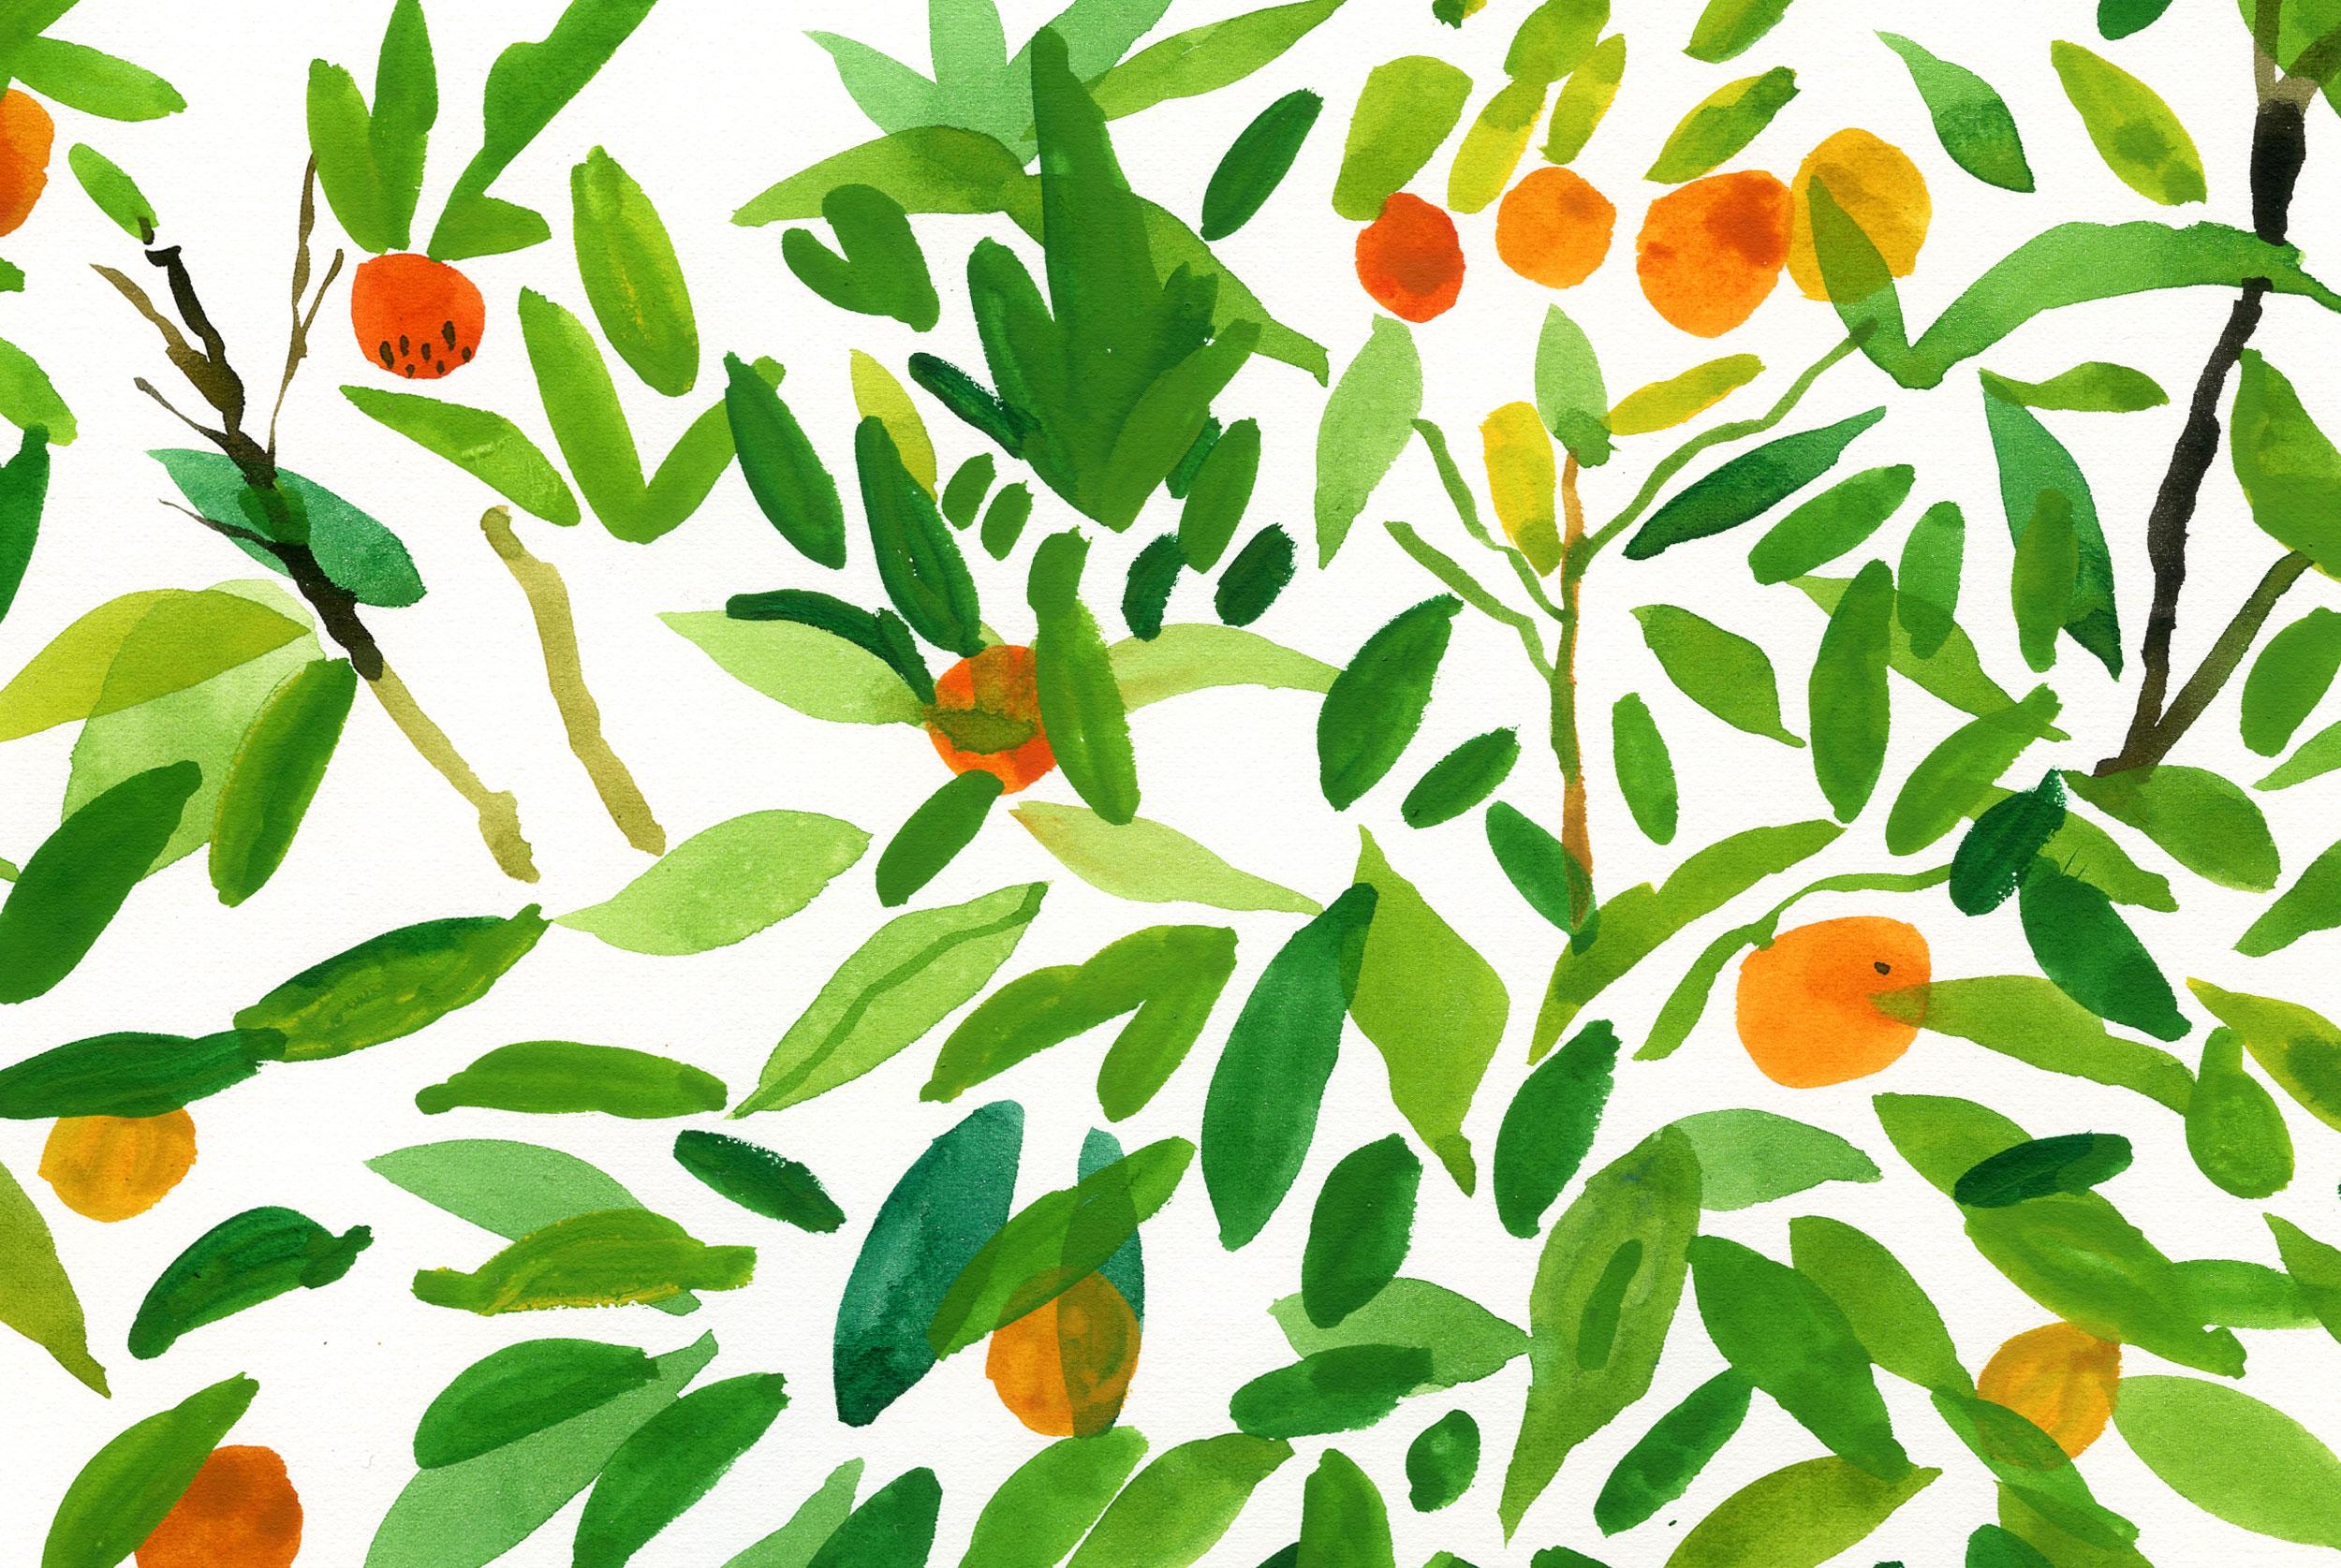 Orange tree by James Oses, image 2